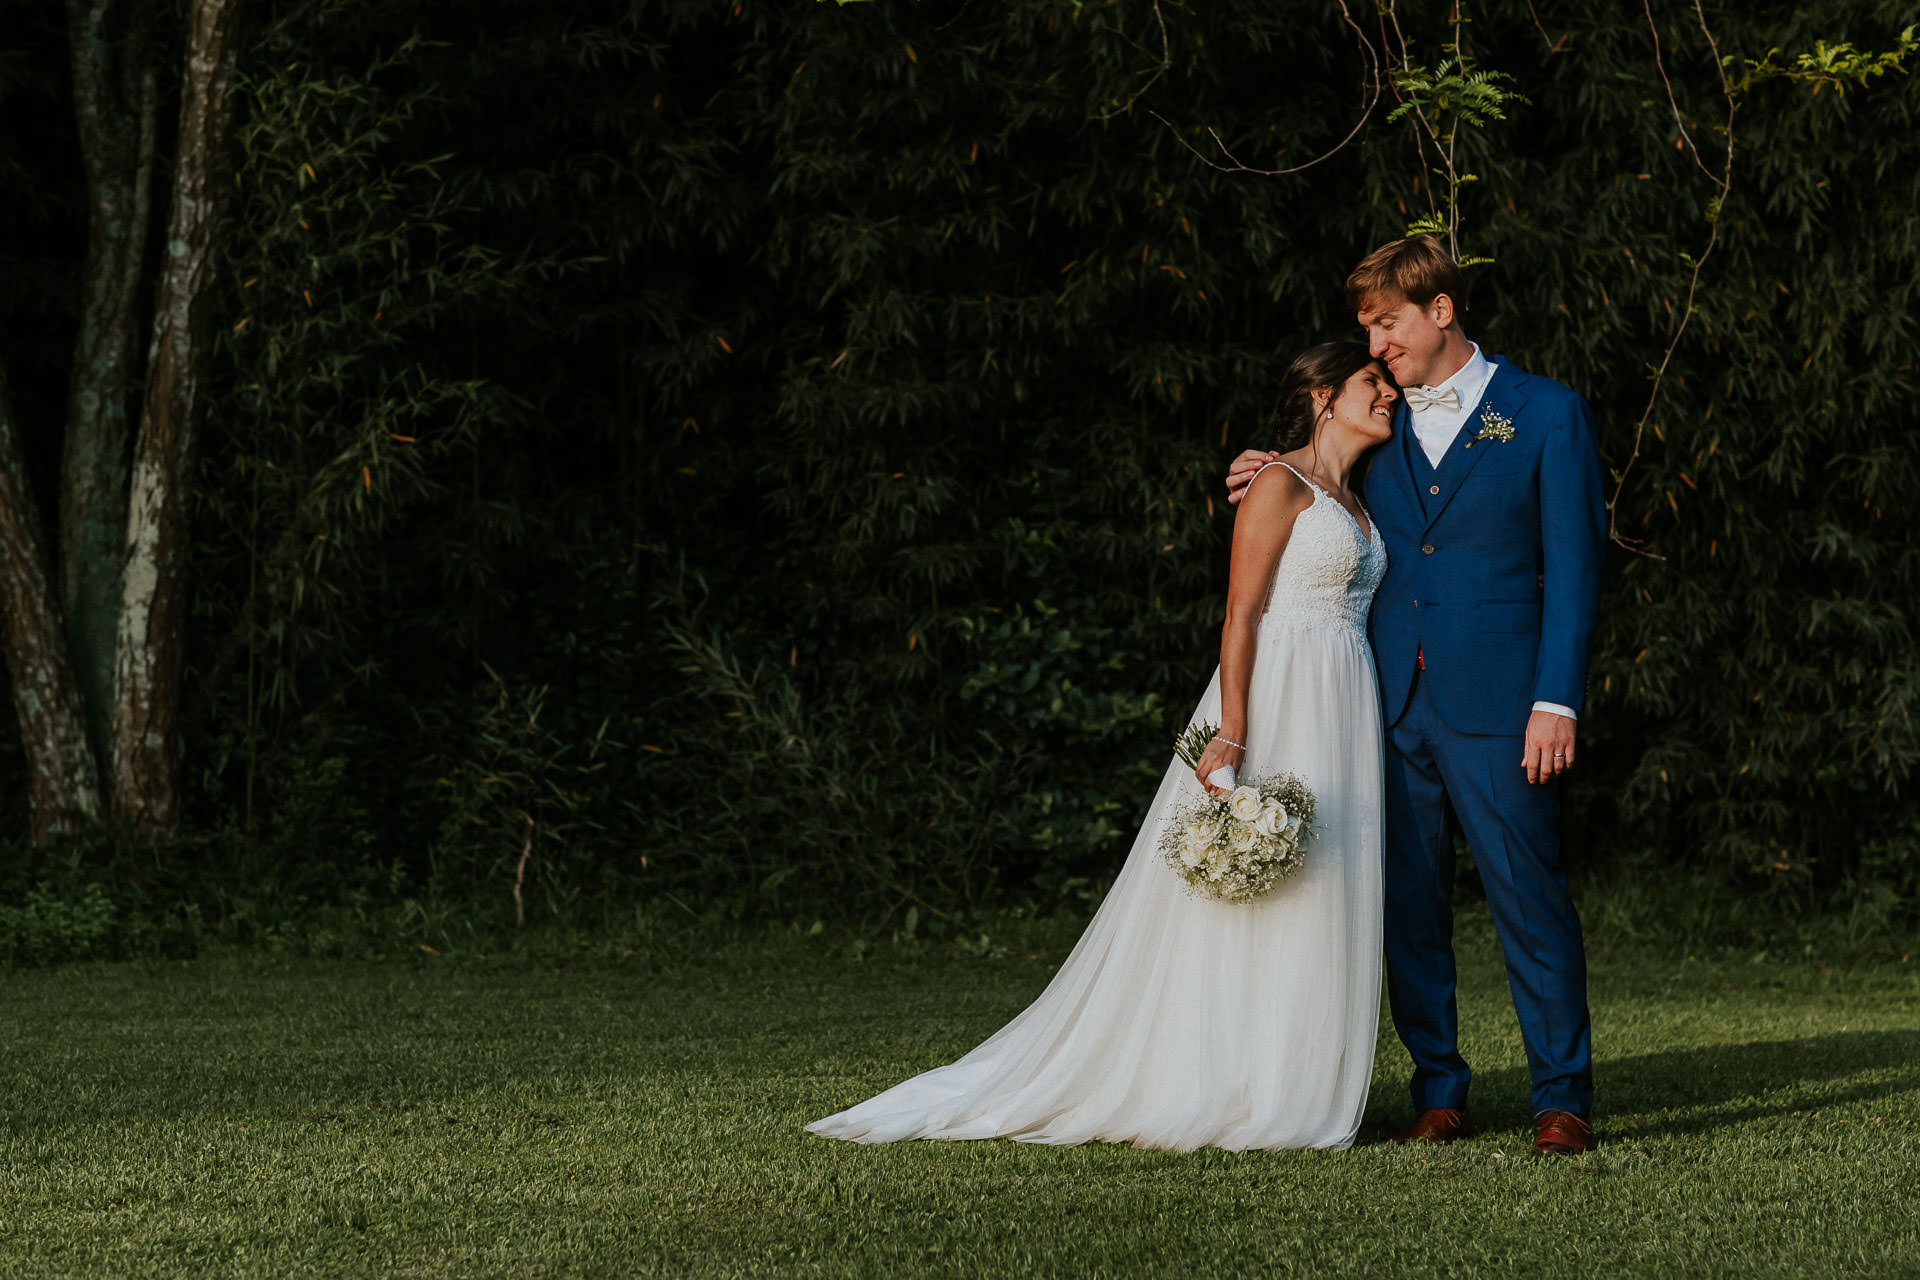 Retratos -Boda en Estancia La Linda, fotógrafo de bodas - Norman Parunov